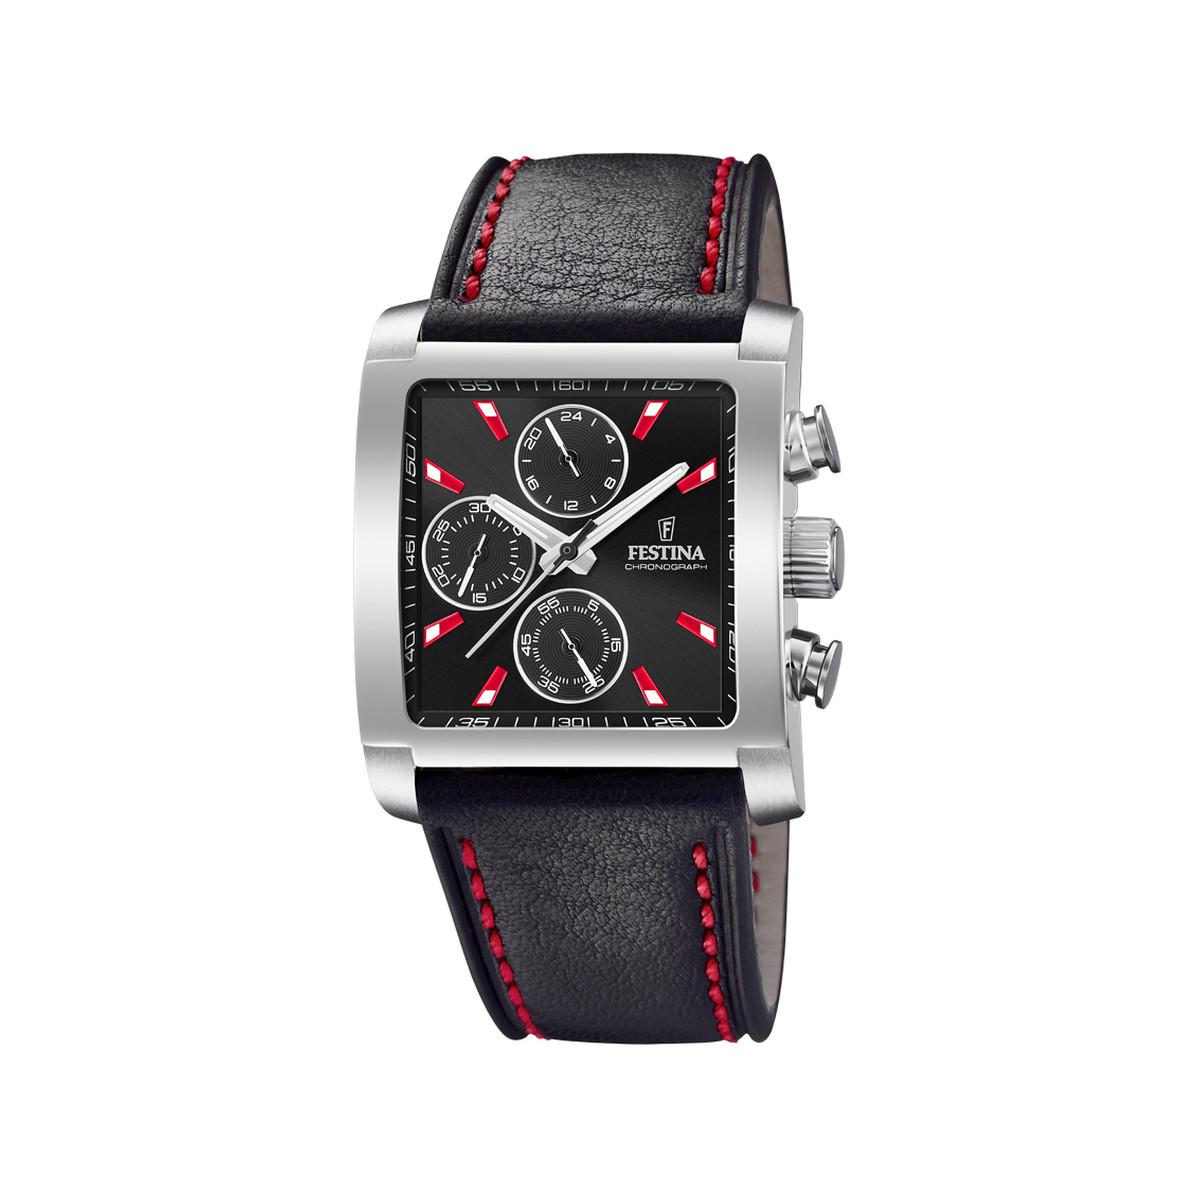 6e903950d48f1 Montre Festina homme chronographe cuir noir - Homme - modèle F20424 ...